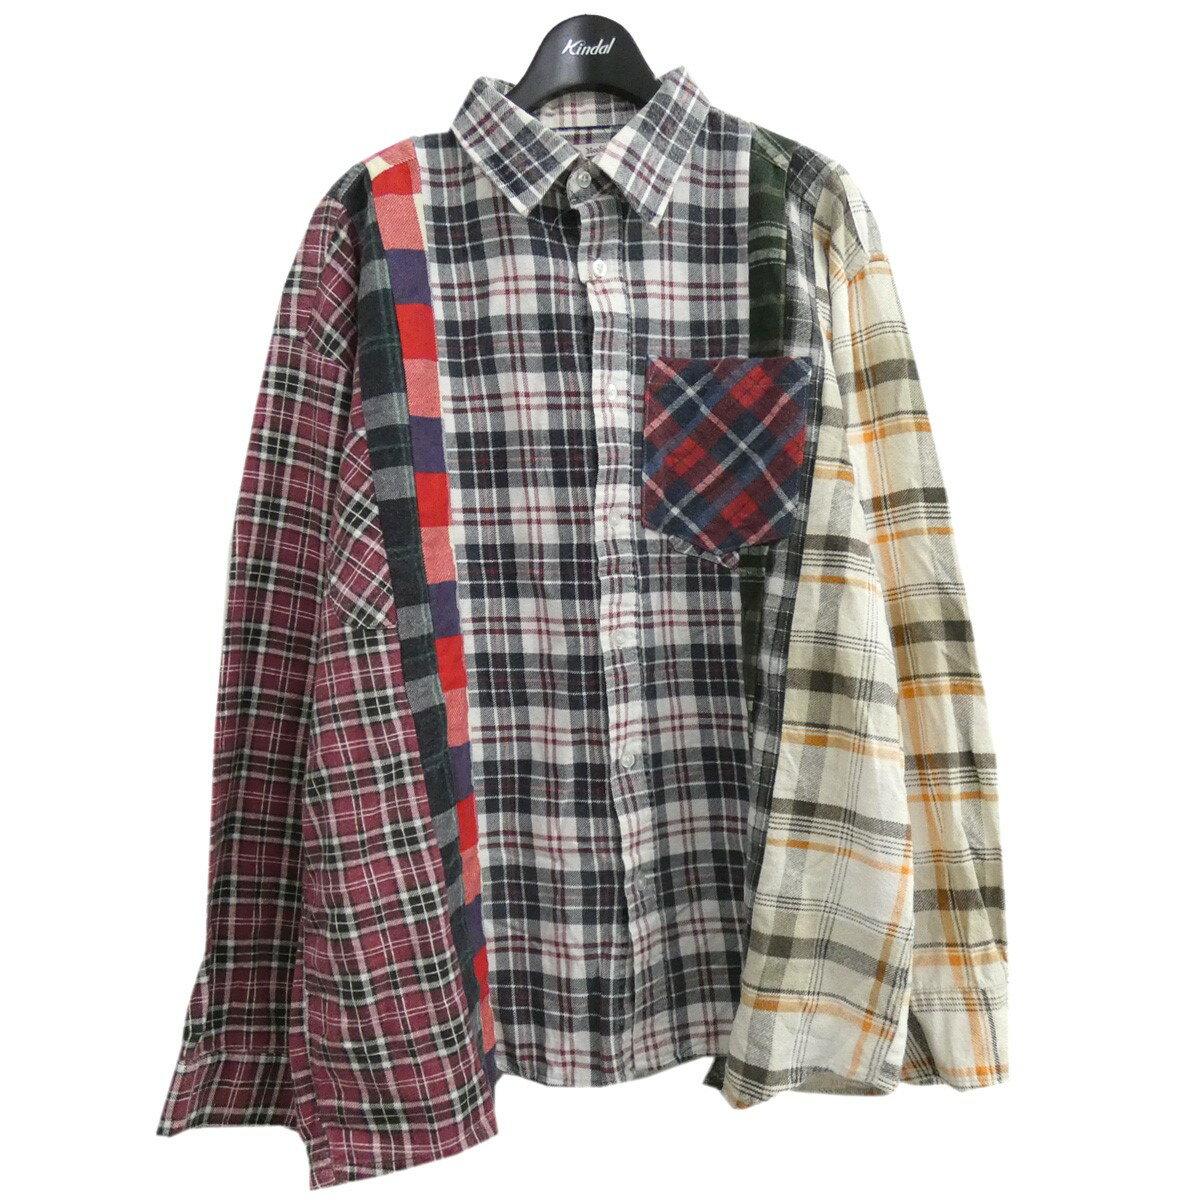 トップス, カジュアルシャツ Rebuild by Needles Flannel Shirt 7 Cuts Shirt L 161021